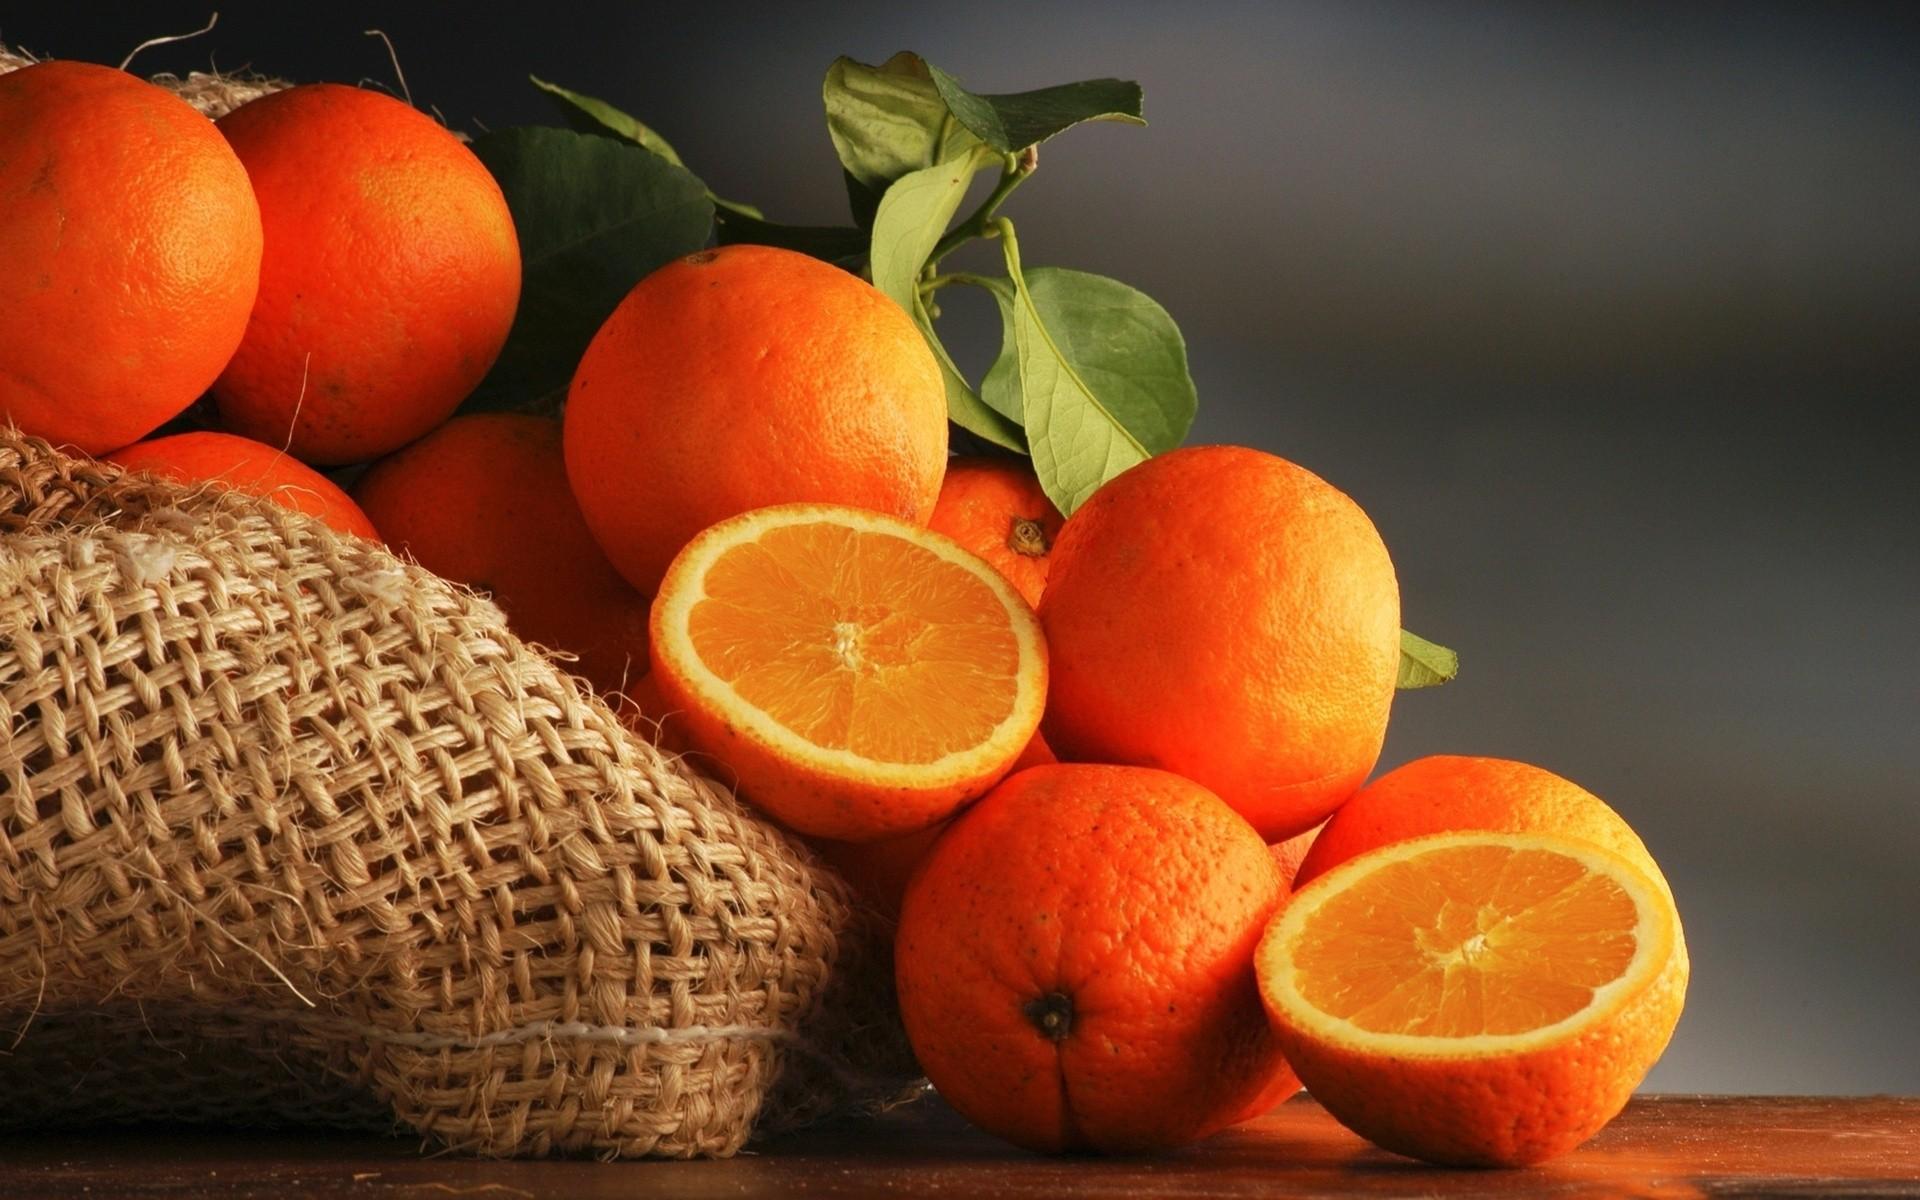 Дешевле небудет. Апельсины в Российской Федерации поднялись встоимости на 30%